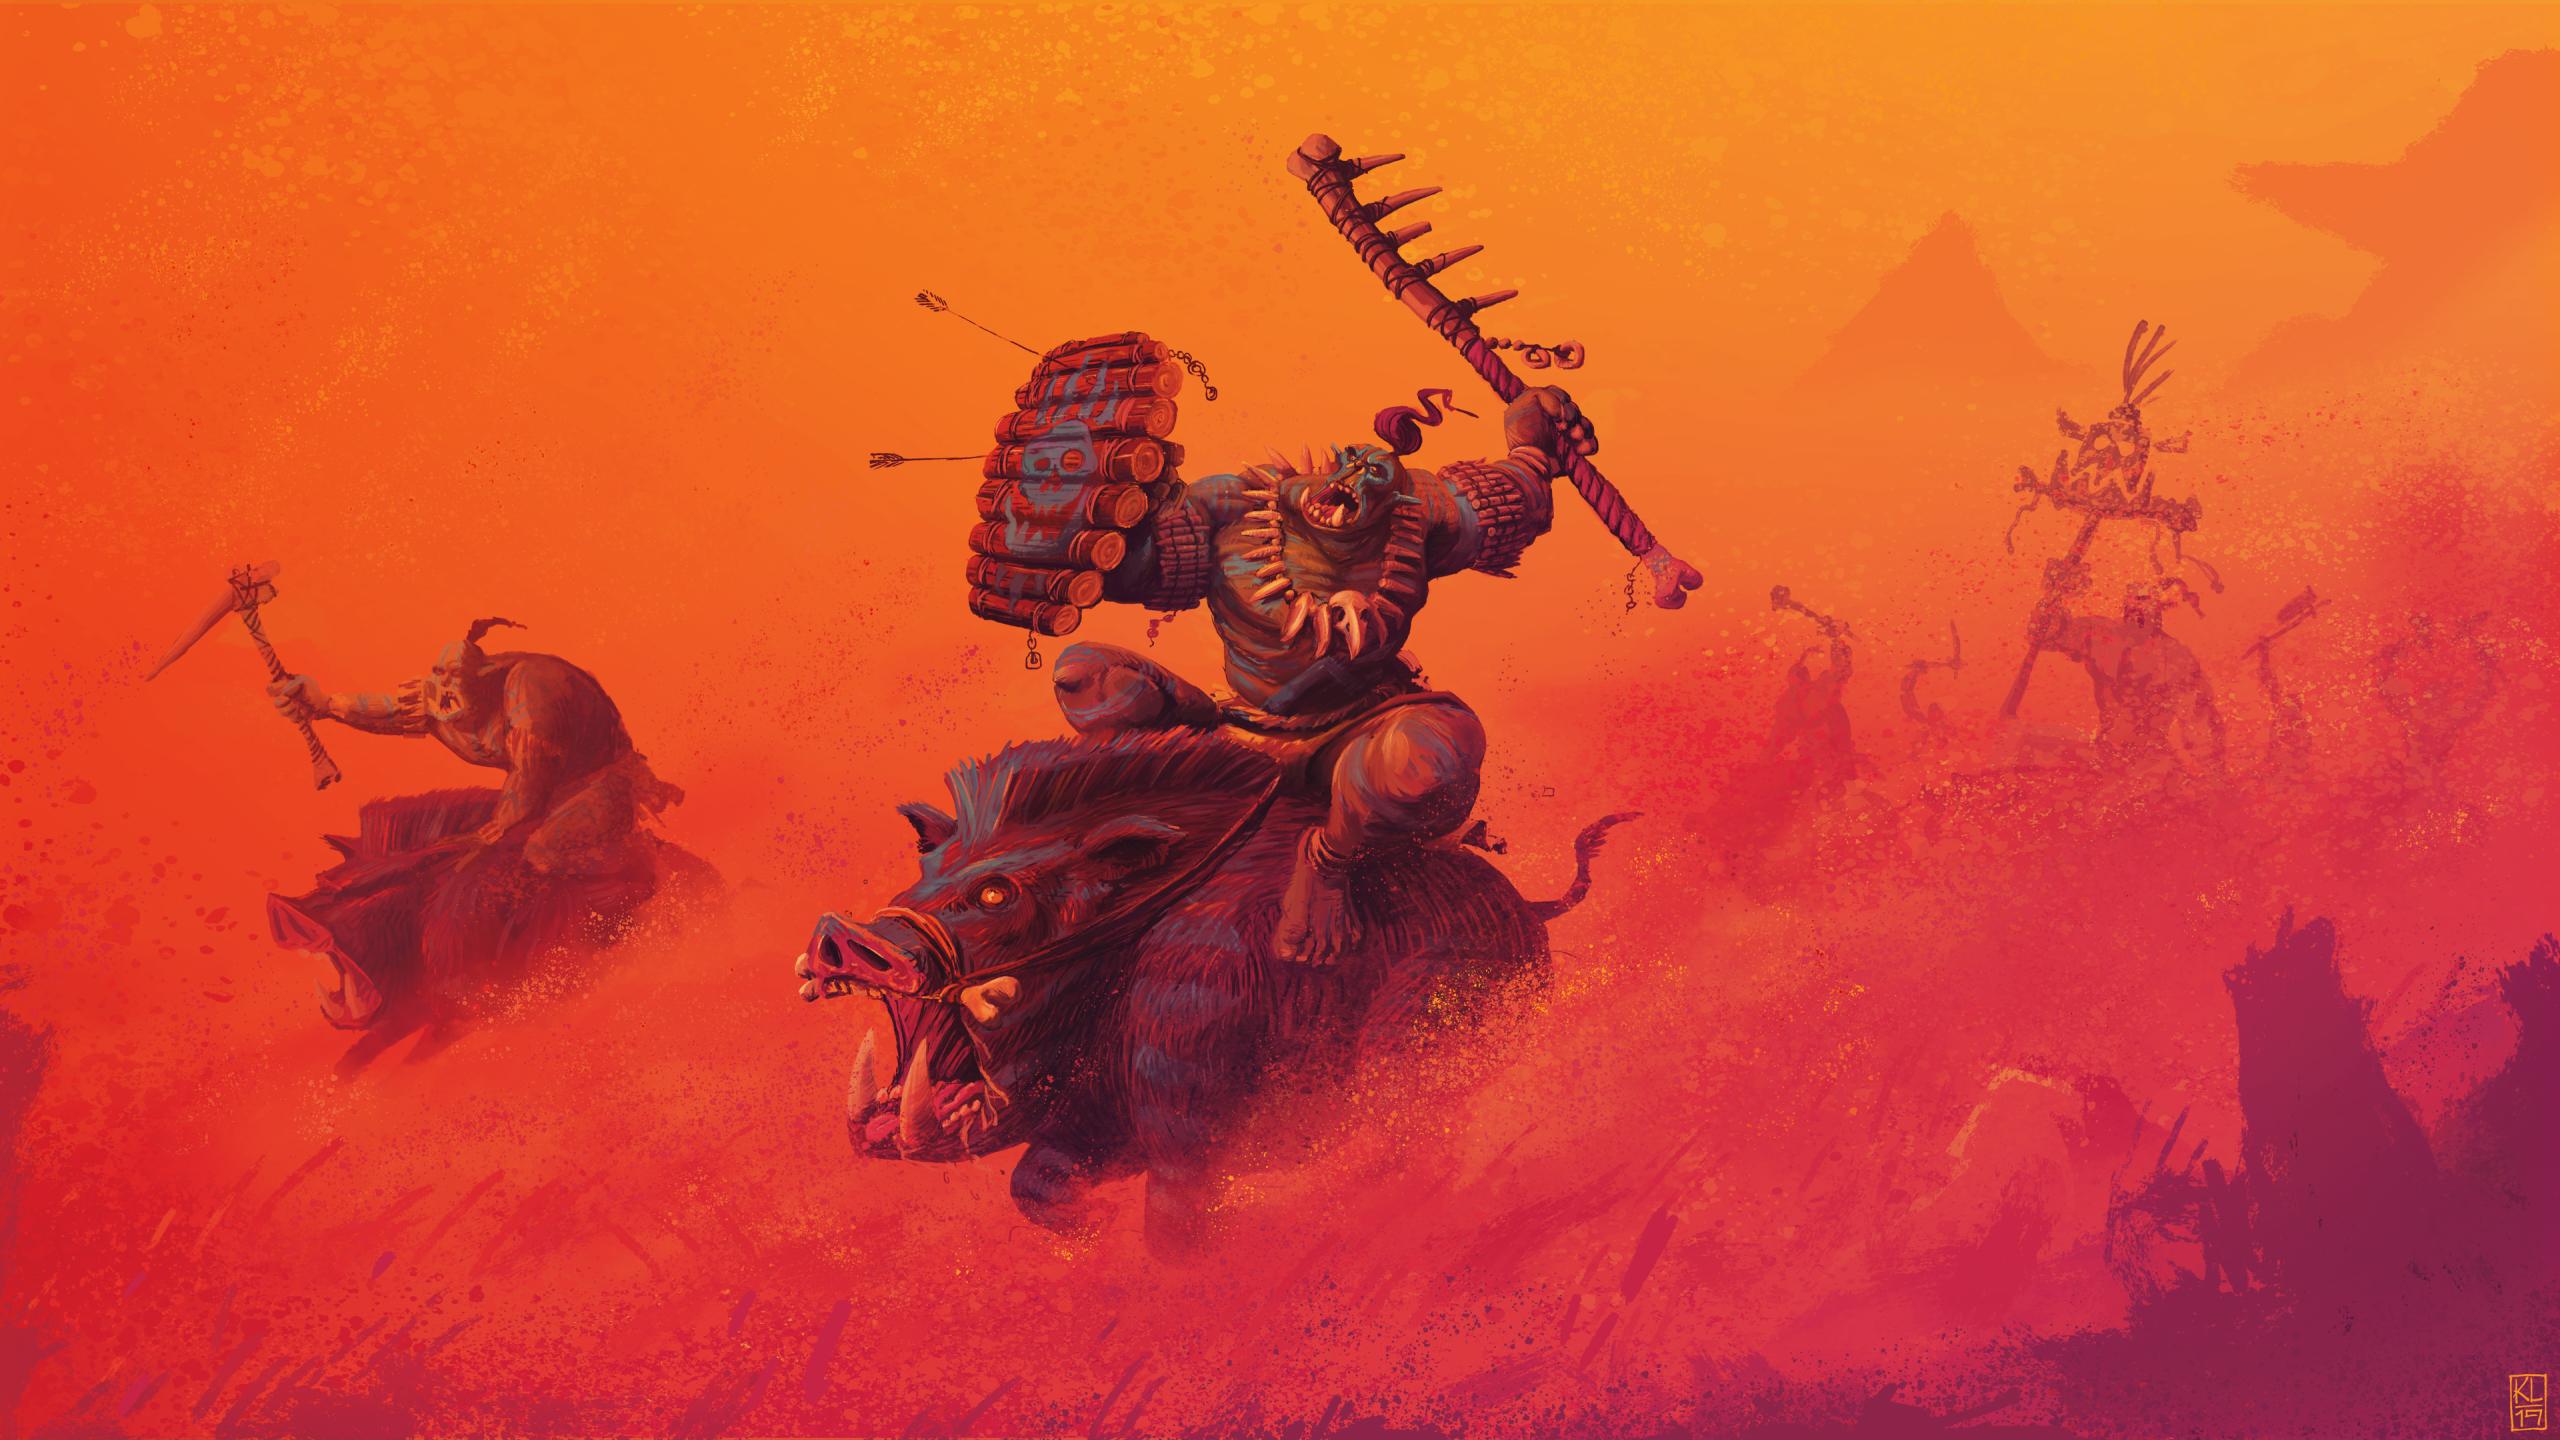 2560x1440 Total War Warhammer 2 1440p Resolution Wallpaper Hd